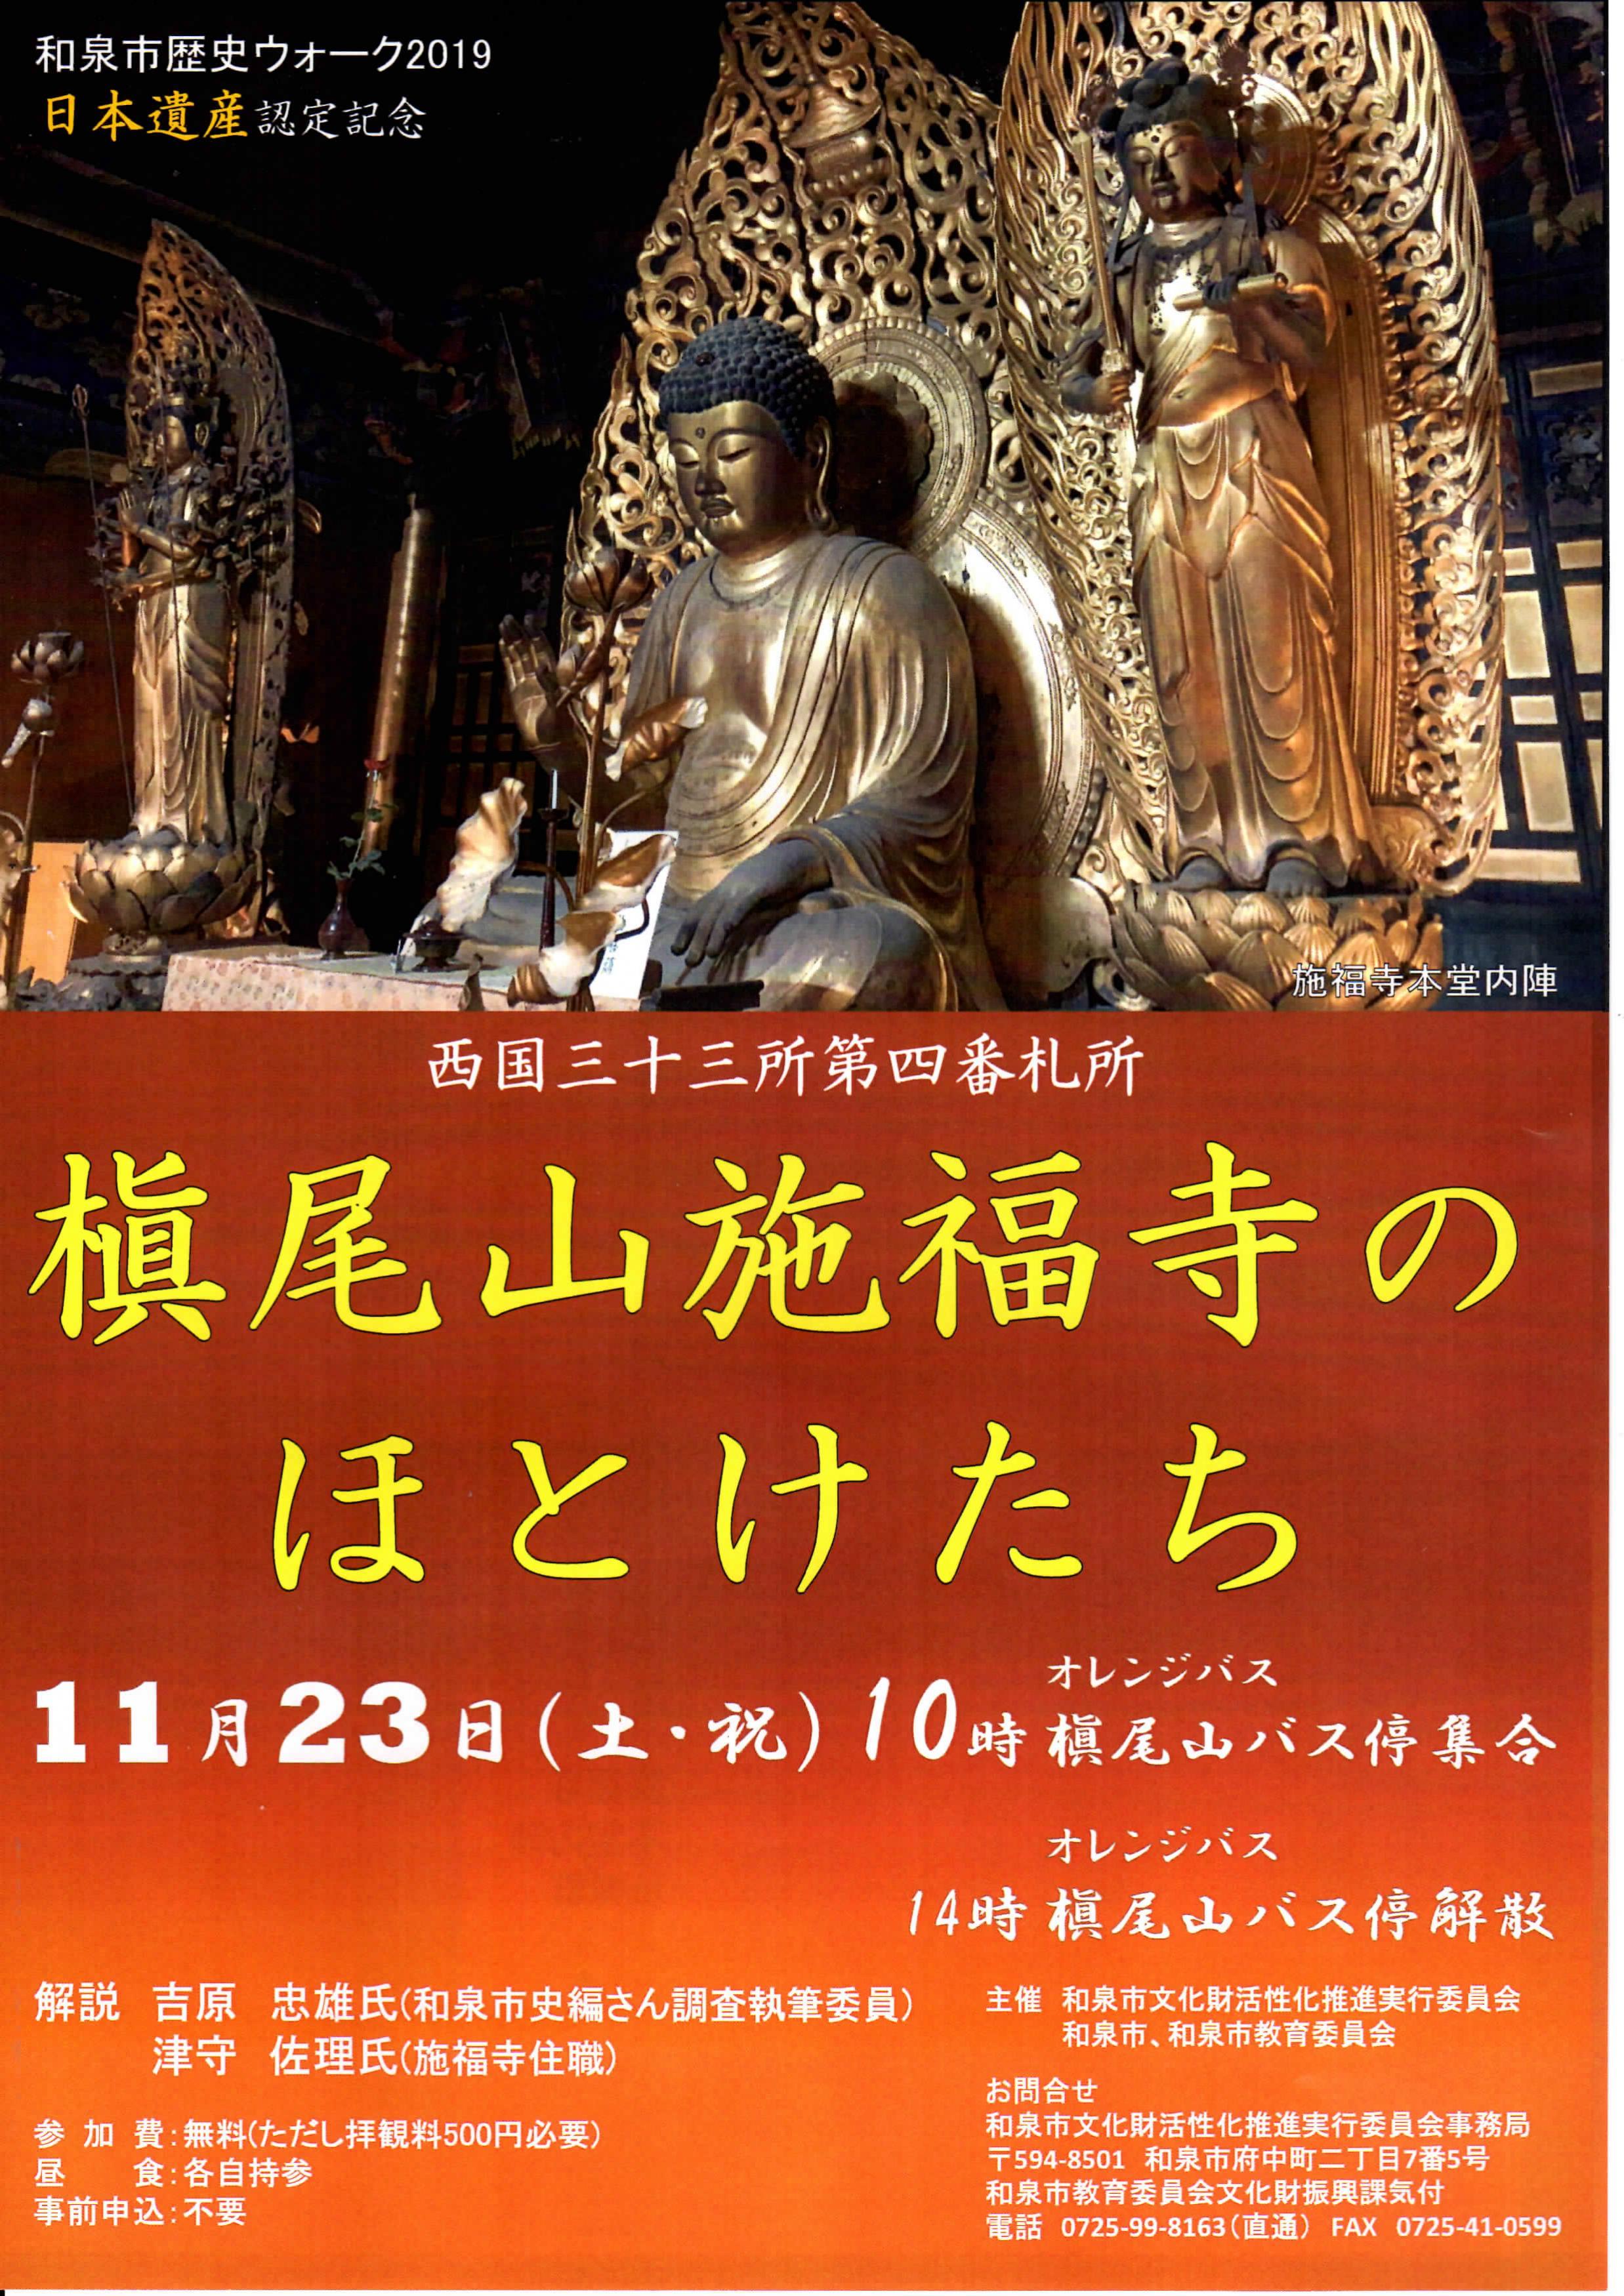 【終了】和泉市歴史ウォーク2019  日本遺産認定記念「西国三十三所第四番札所  槇尾山施福寺のほとけたち」11月23日(土・祝)開催